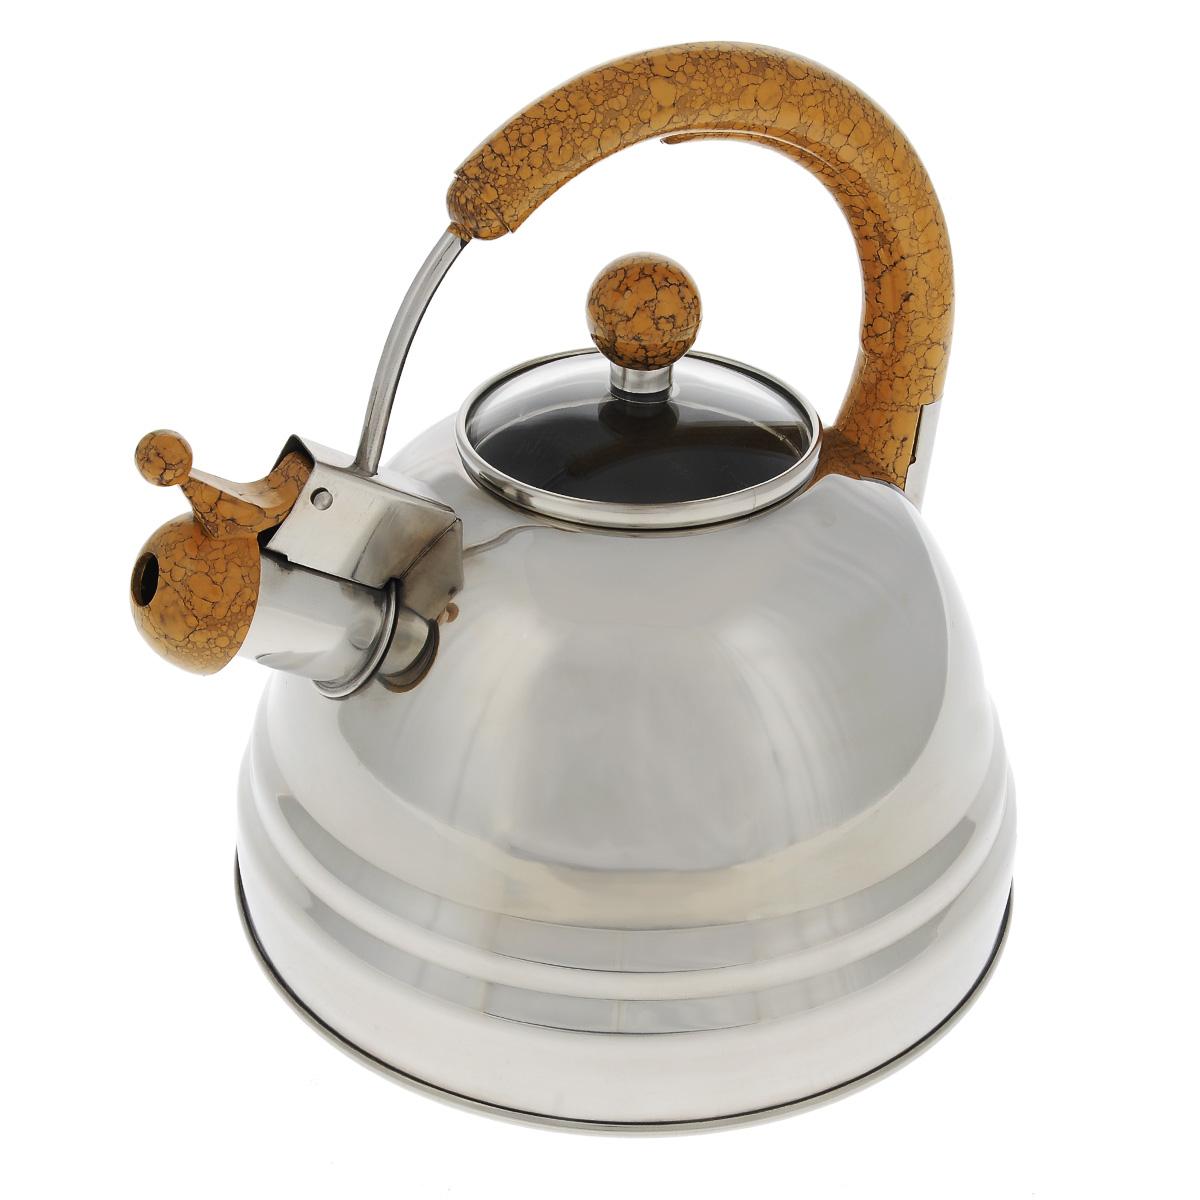 Чайник Bekker Koch со свистком, цвет: коричневый, 3 л. BK-S368 термос bekker koch с контейнерами цвет желтый стальной 2 л bk 42